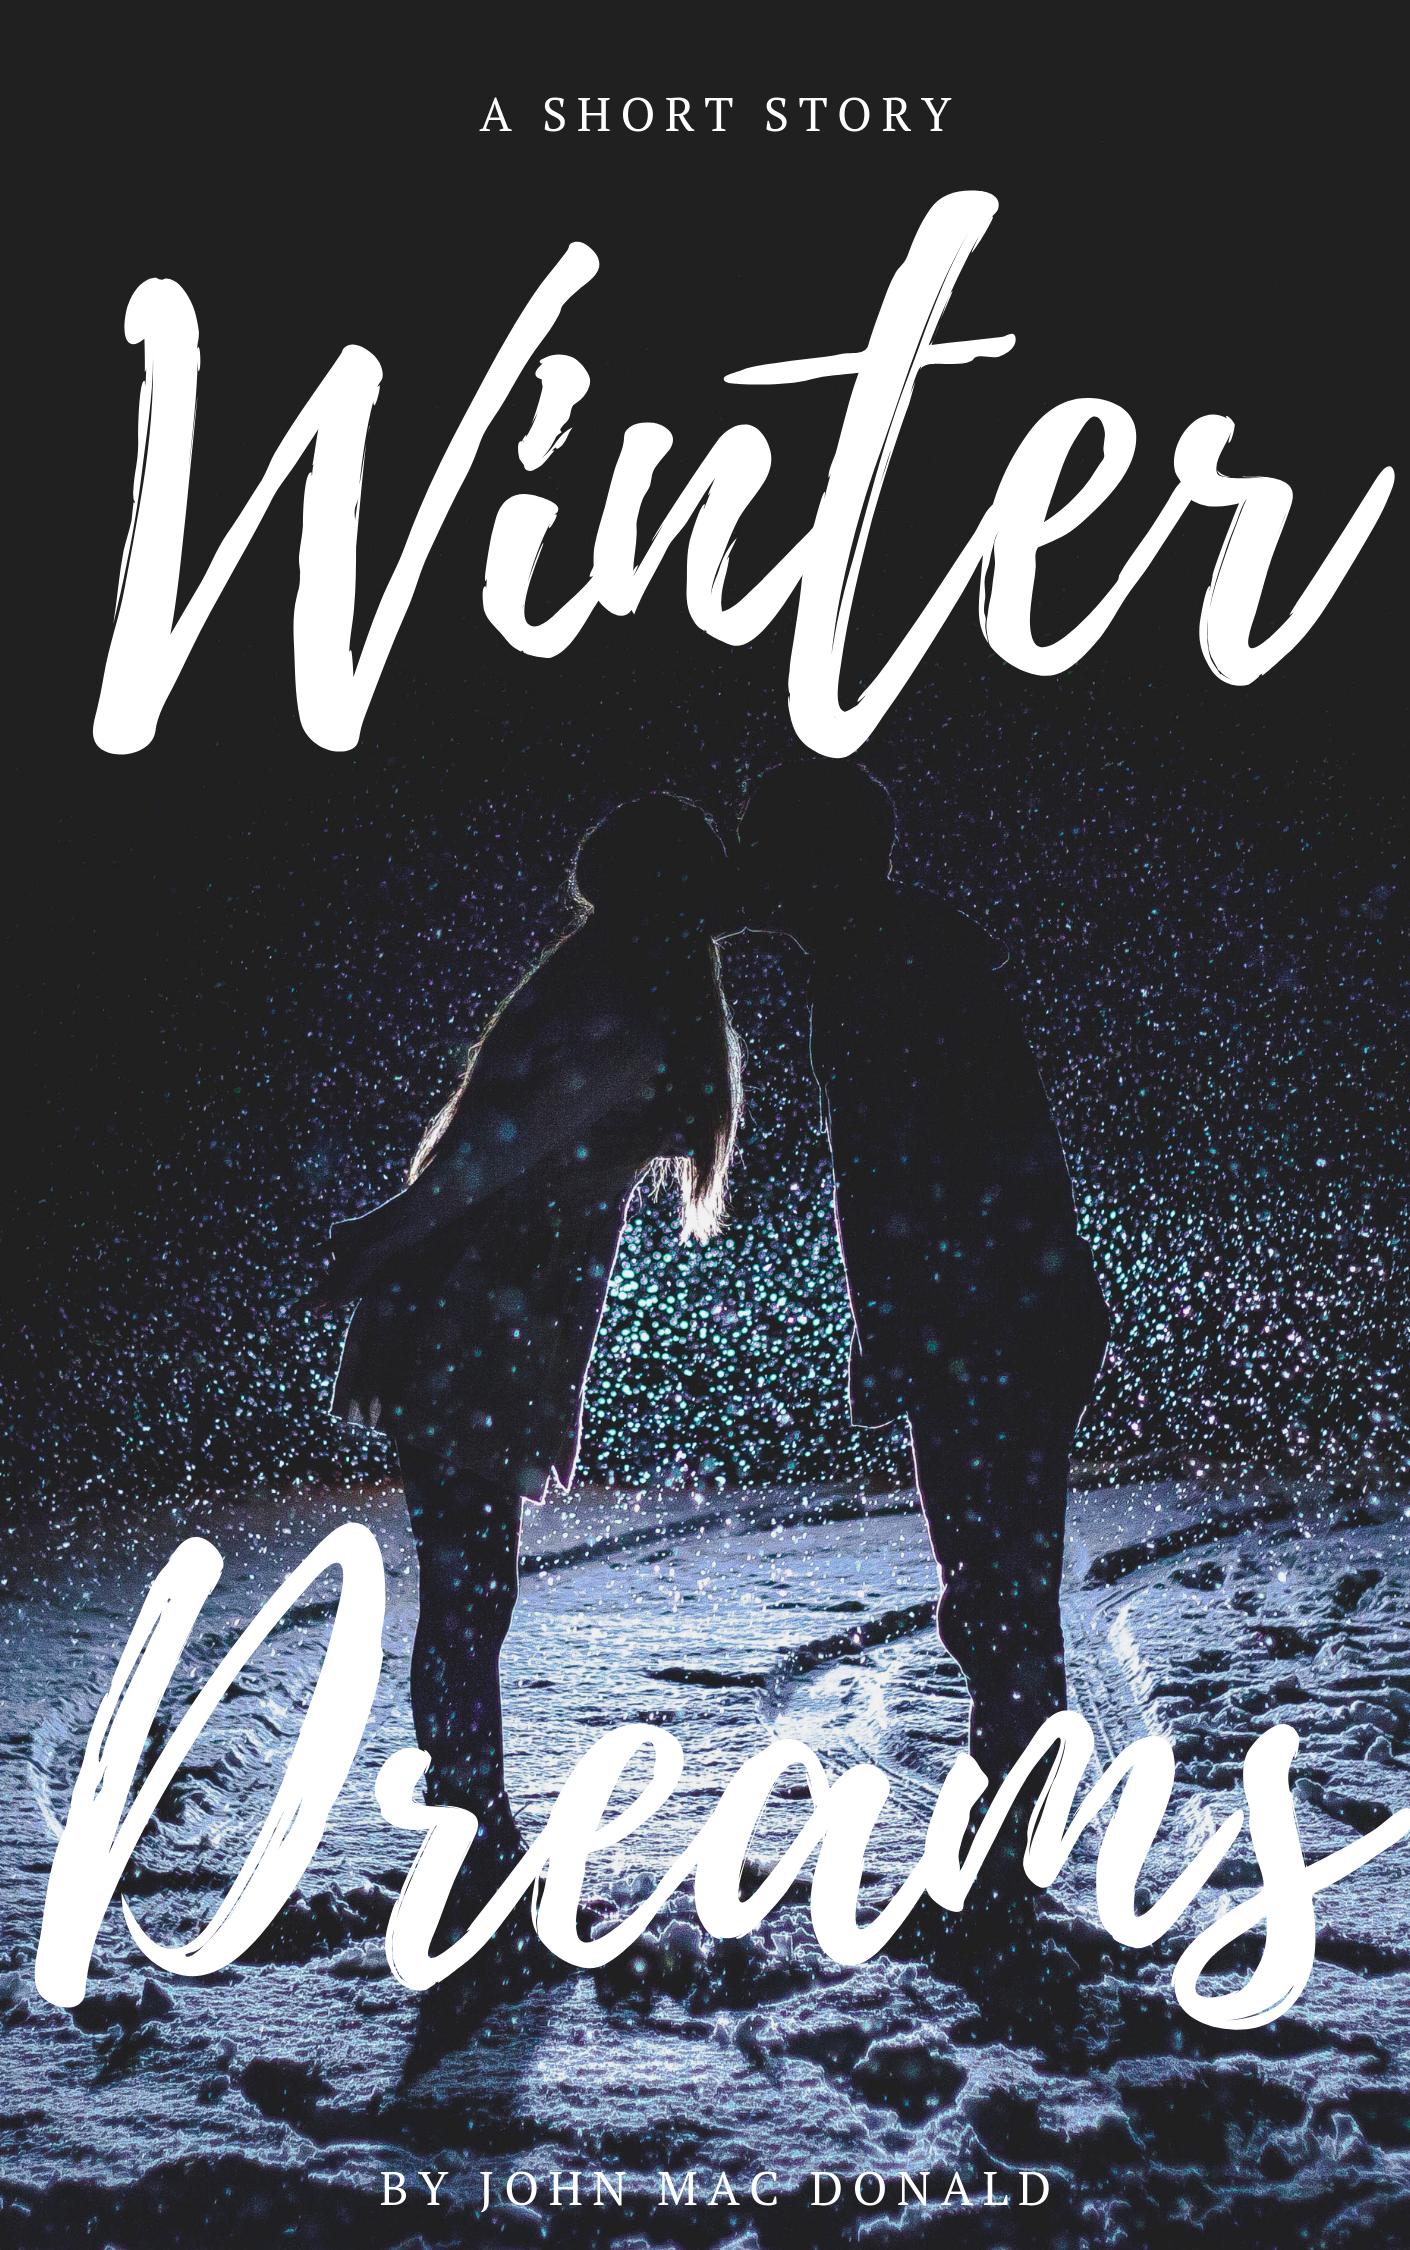 Winter Dreams, an Ebook by John Mac Donald